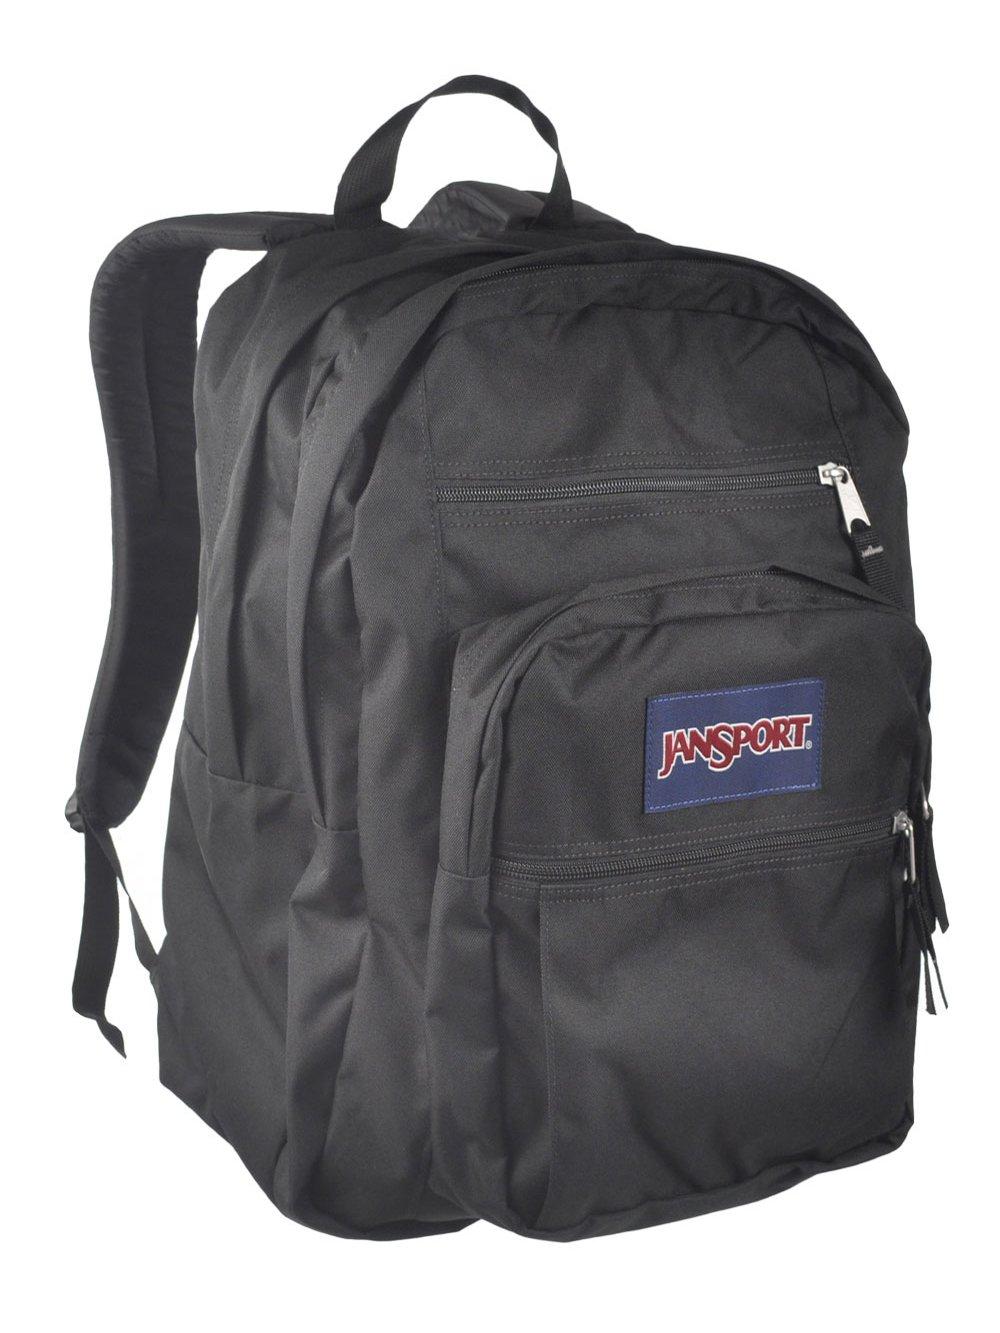 JanSport Big Student Backpack Oversized with Multiple Pockets